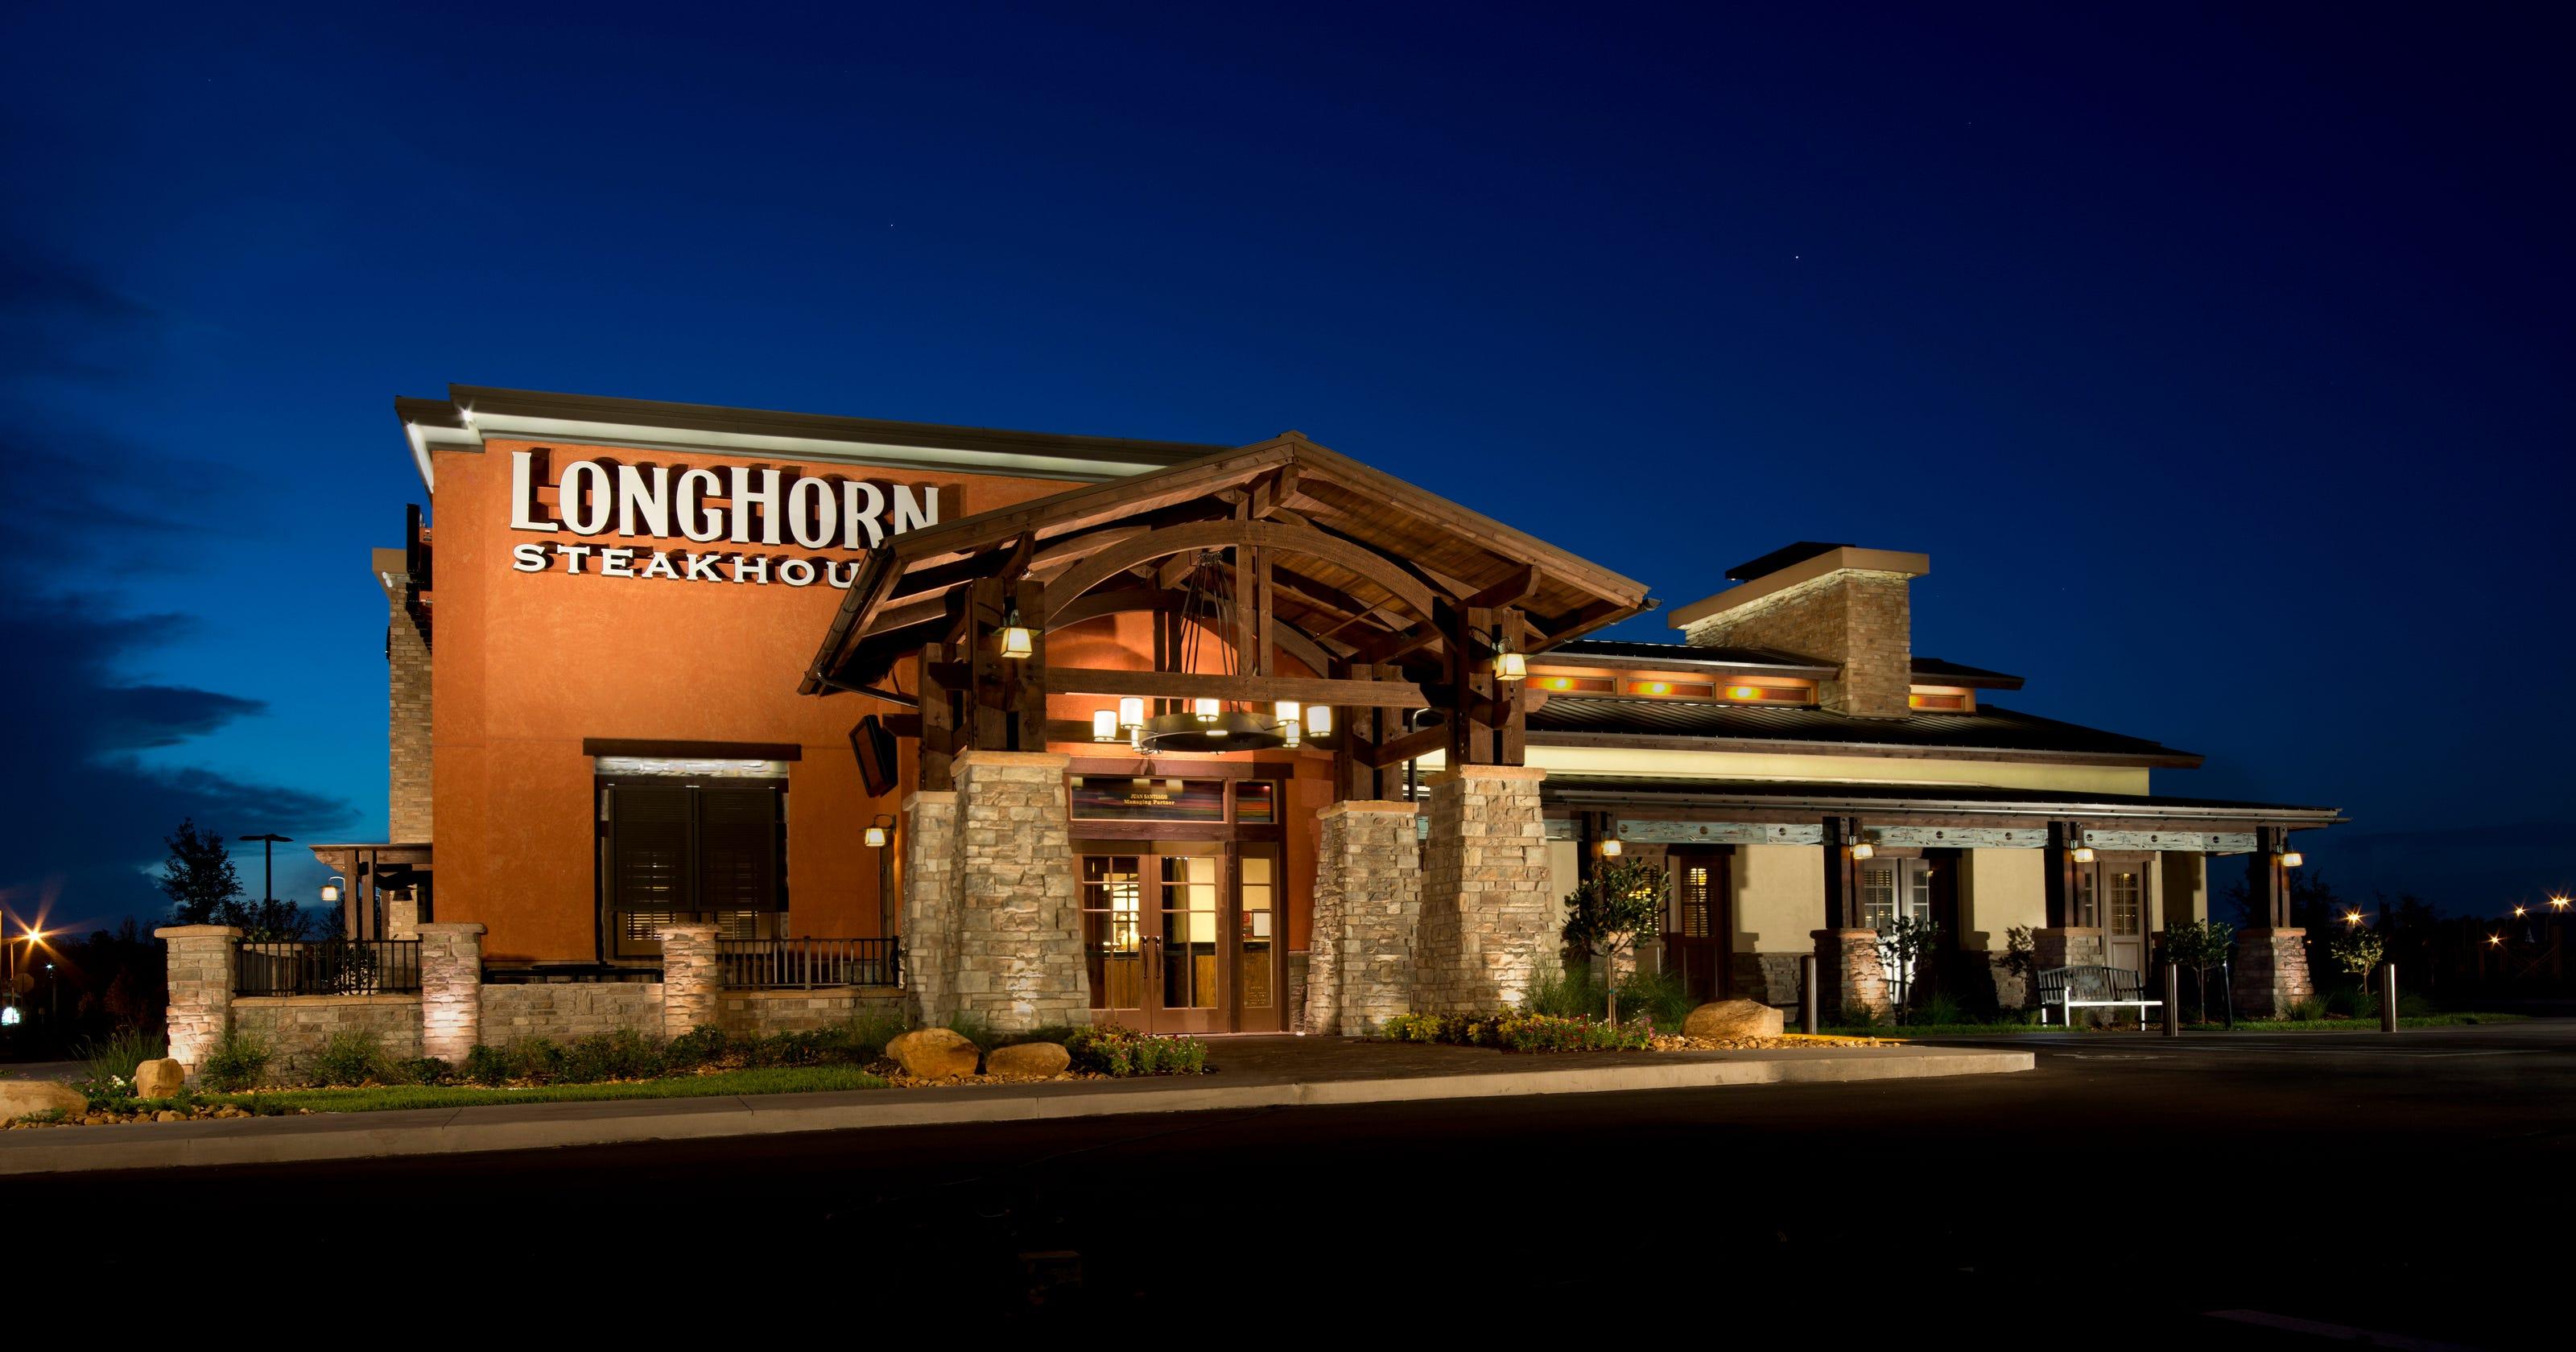 longhorn steakhouse will open in lafayette